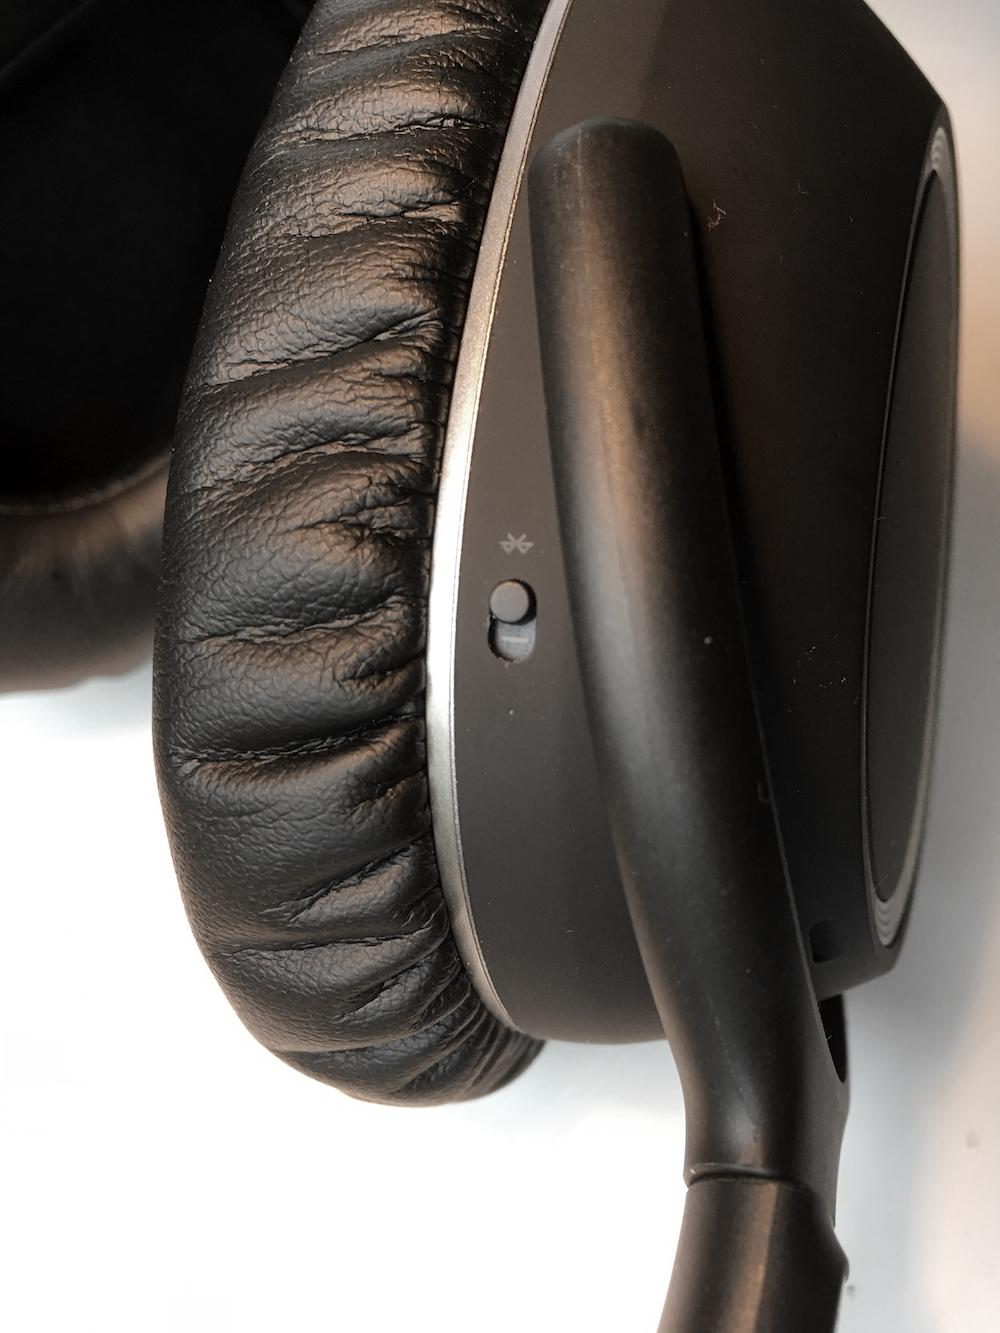 Bluetooth-knappens placering er klodset og irriterende. Foto: Geir Gråbein Nordby, Lyd & Billede